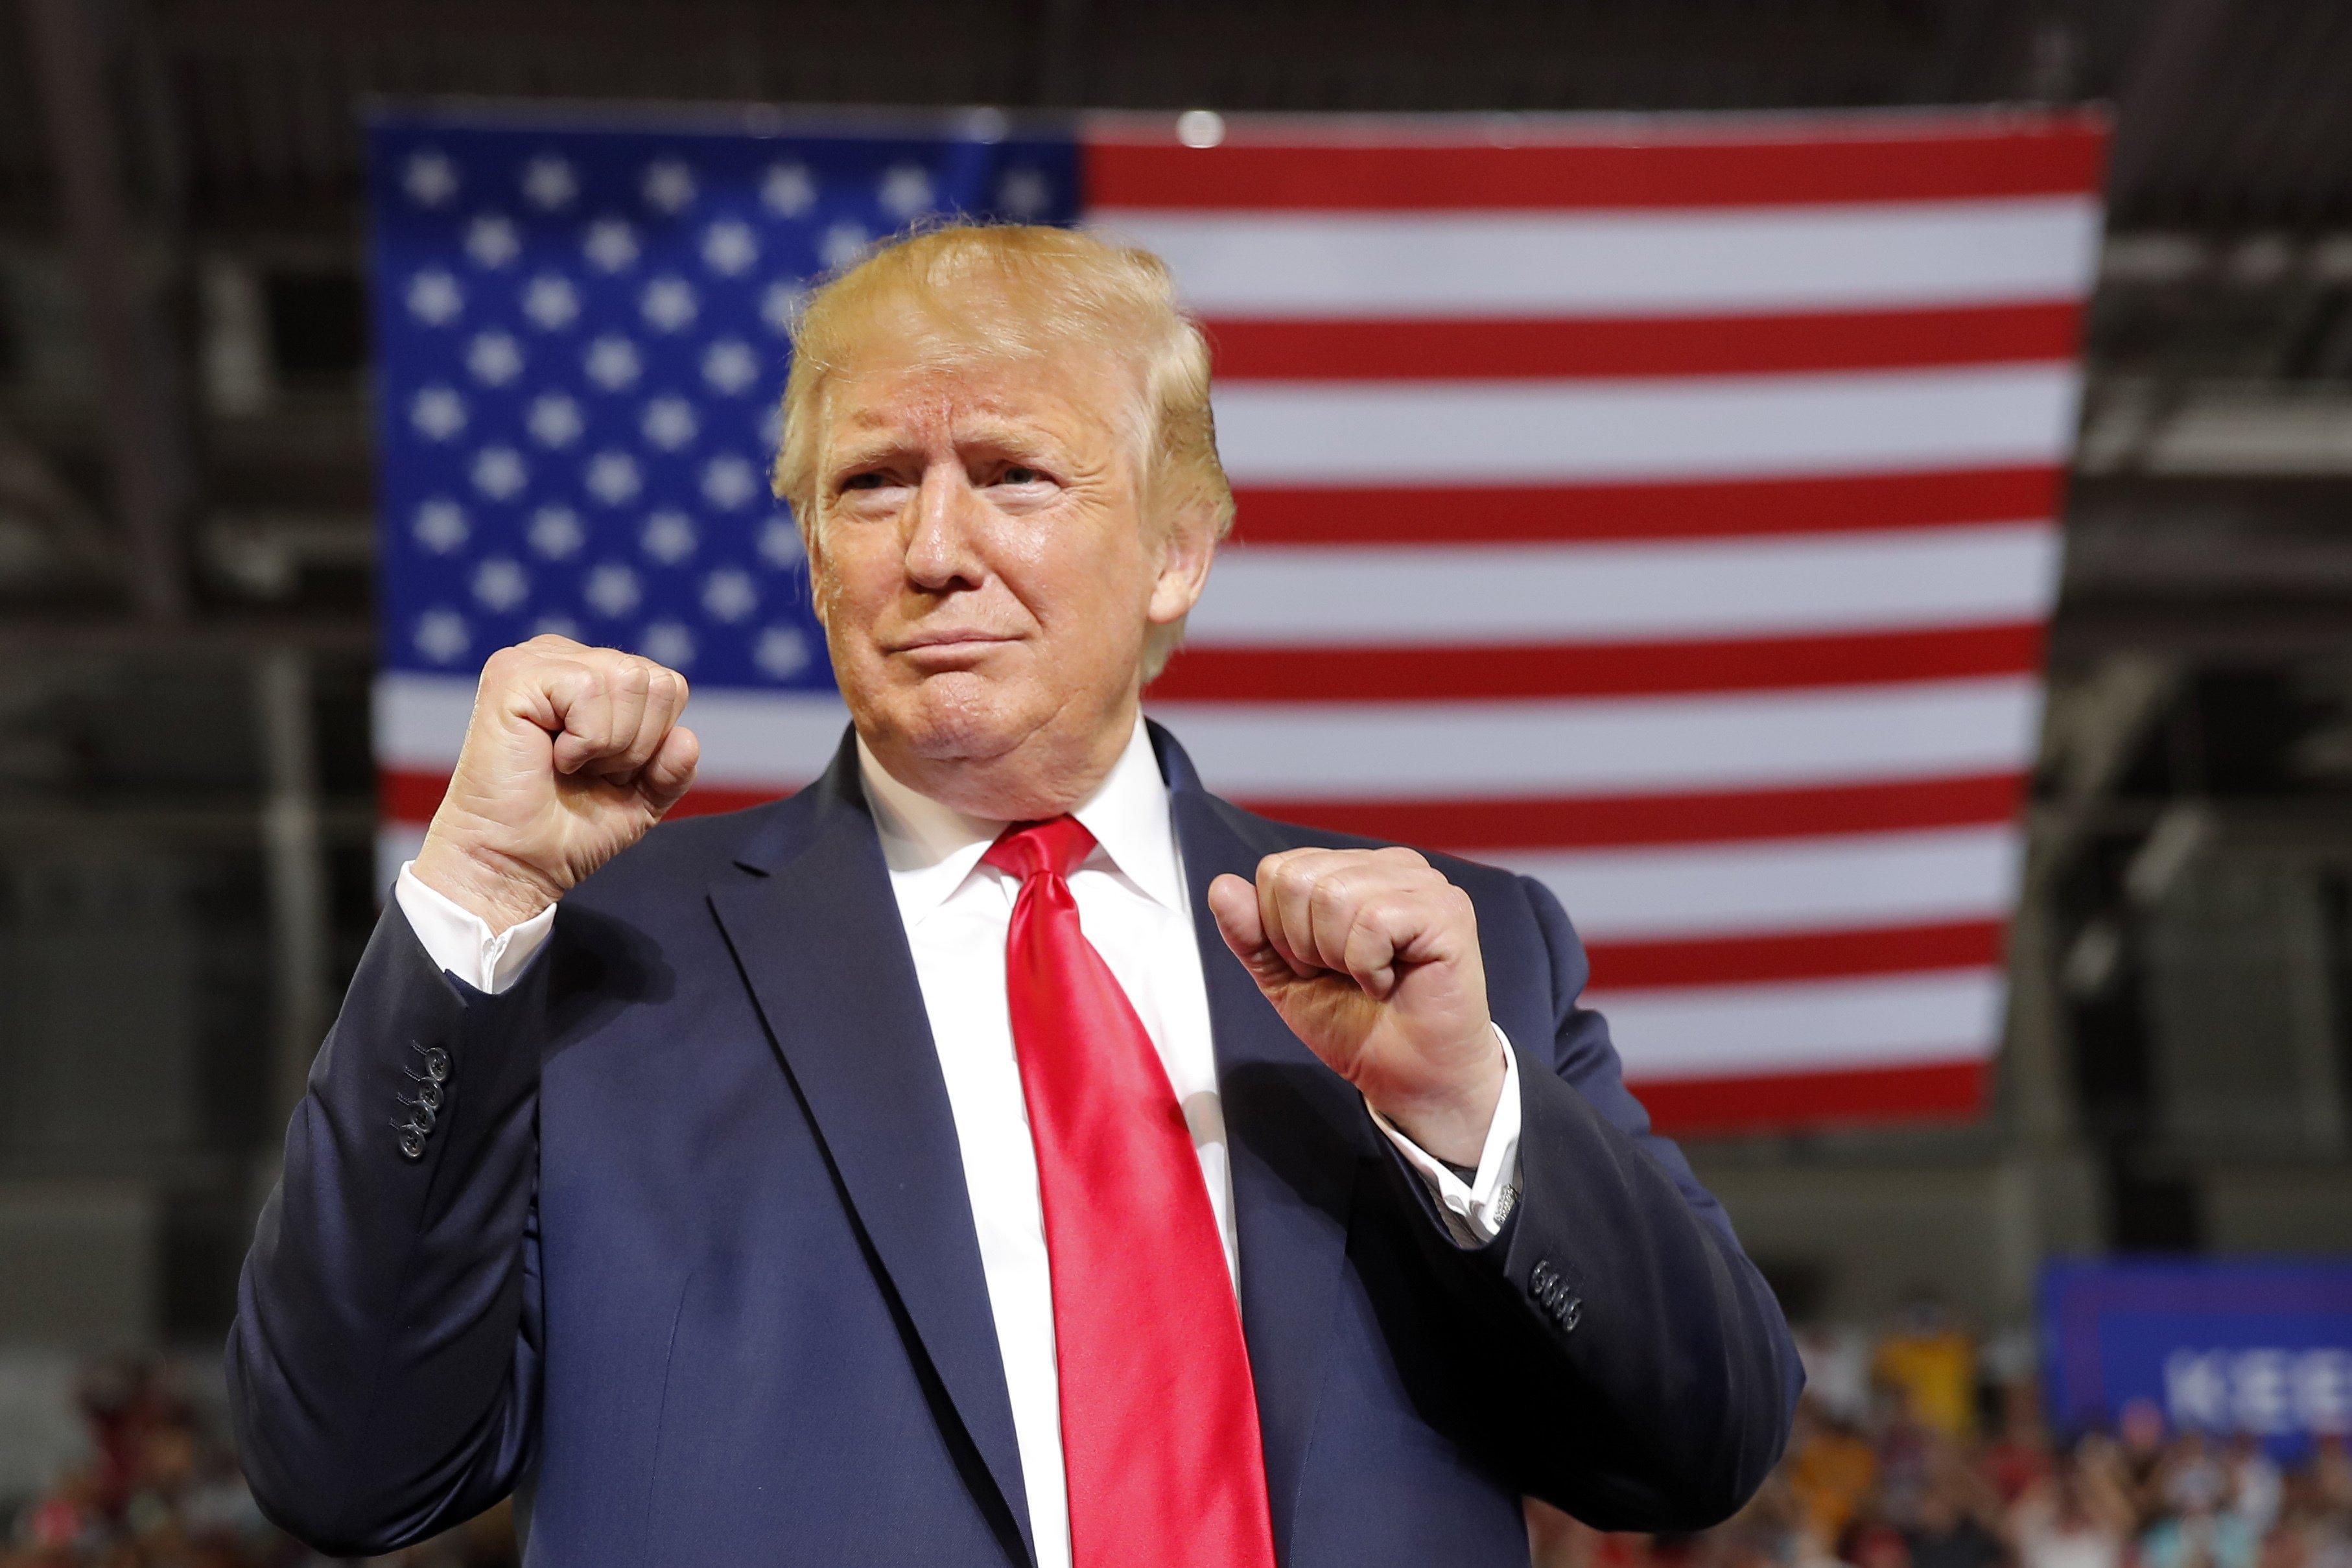 Trump made 20 false claims at his North Carolina rally